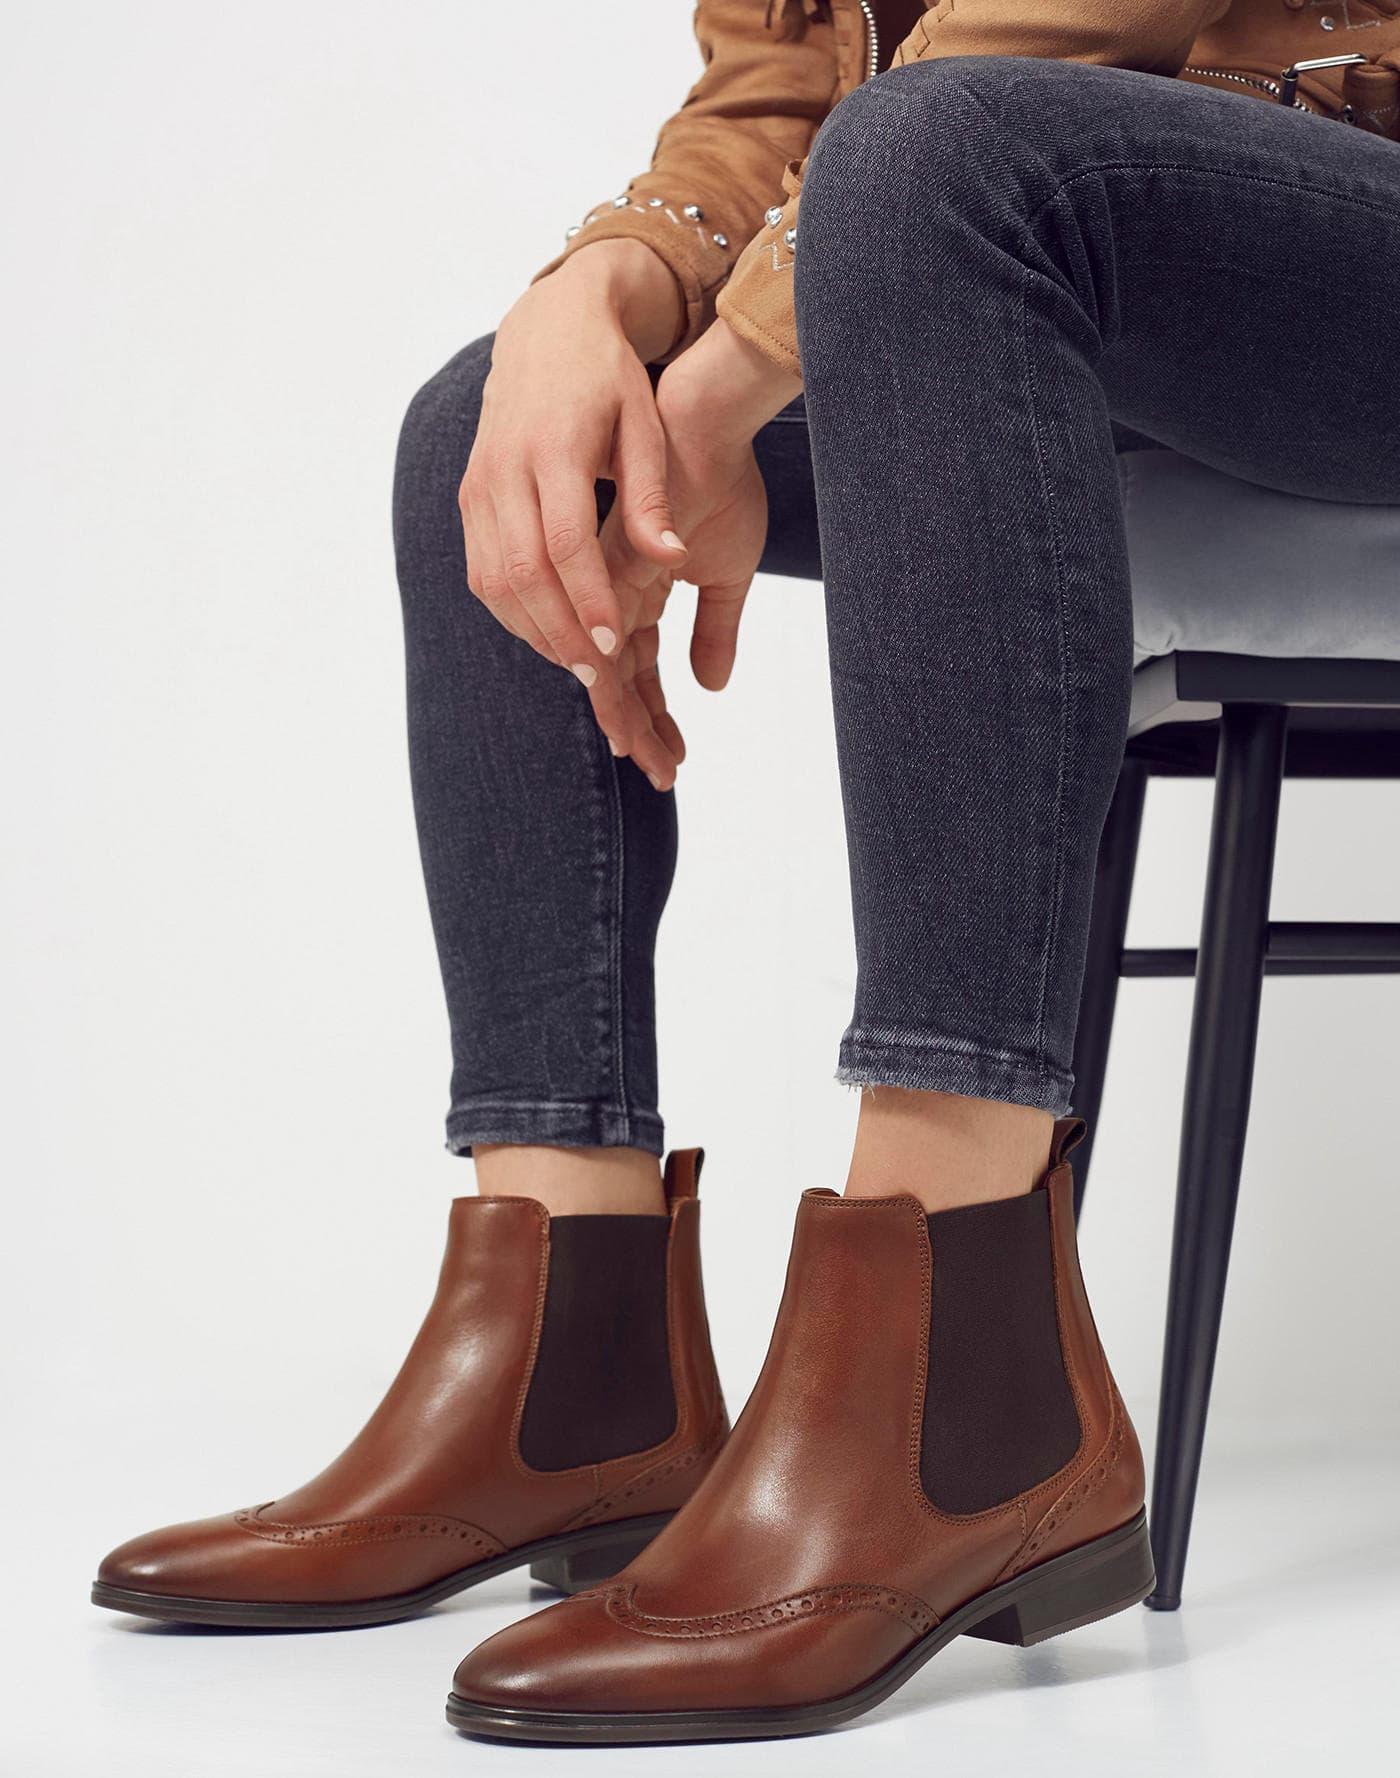 f4eb843c2cc Ankle boots | Aldoshoes.com US